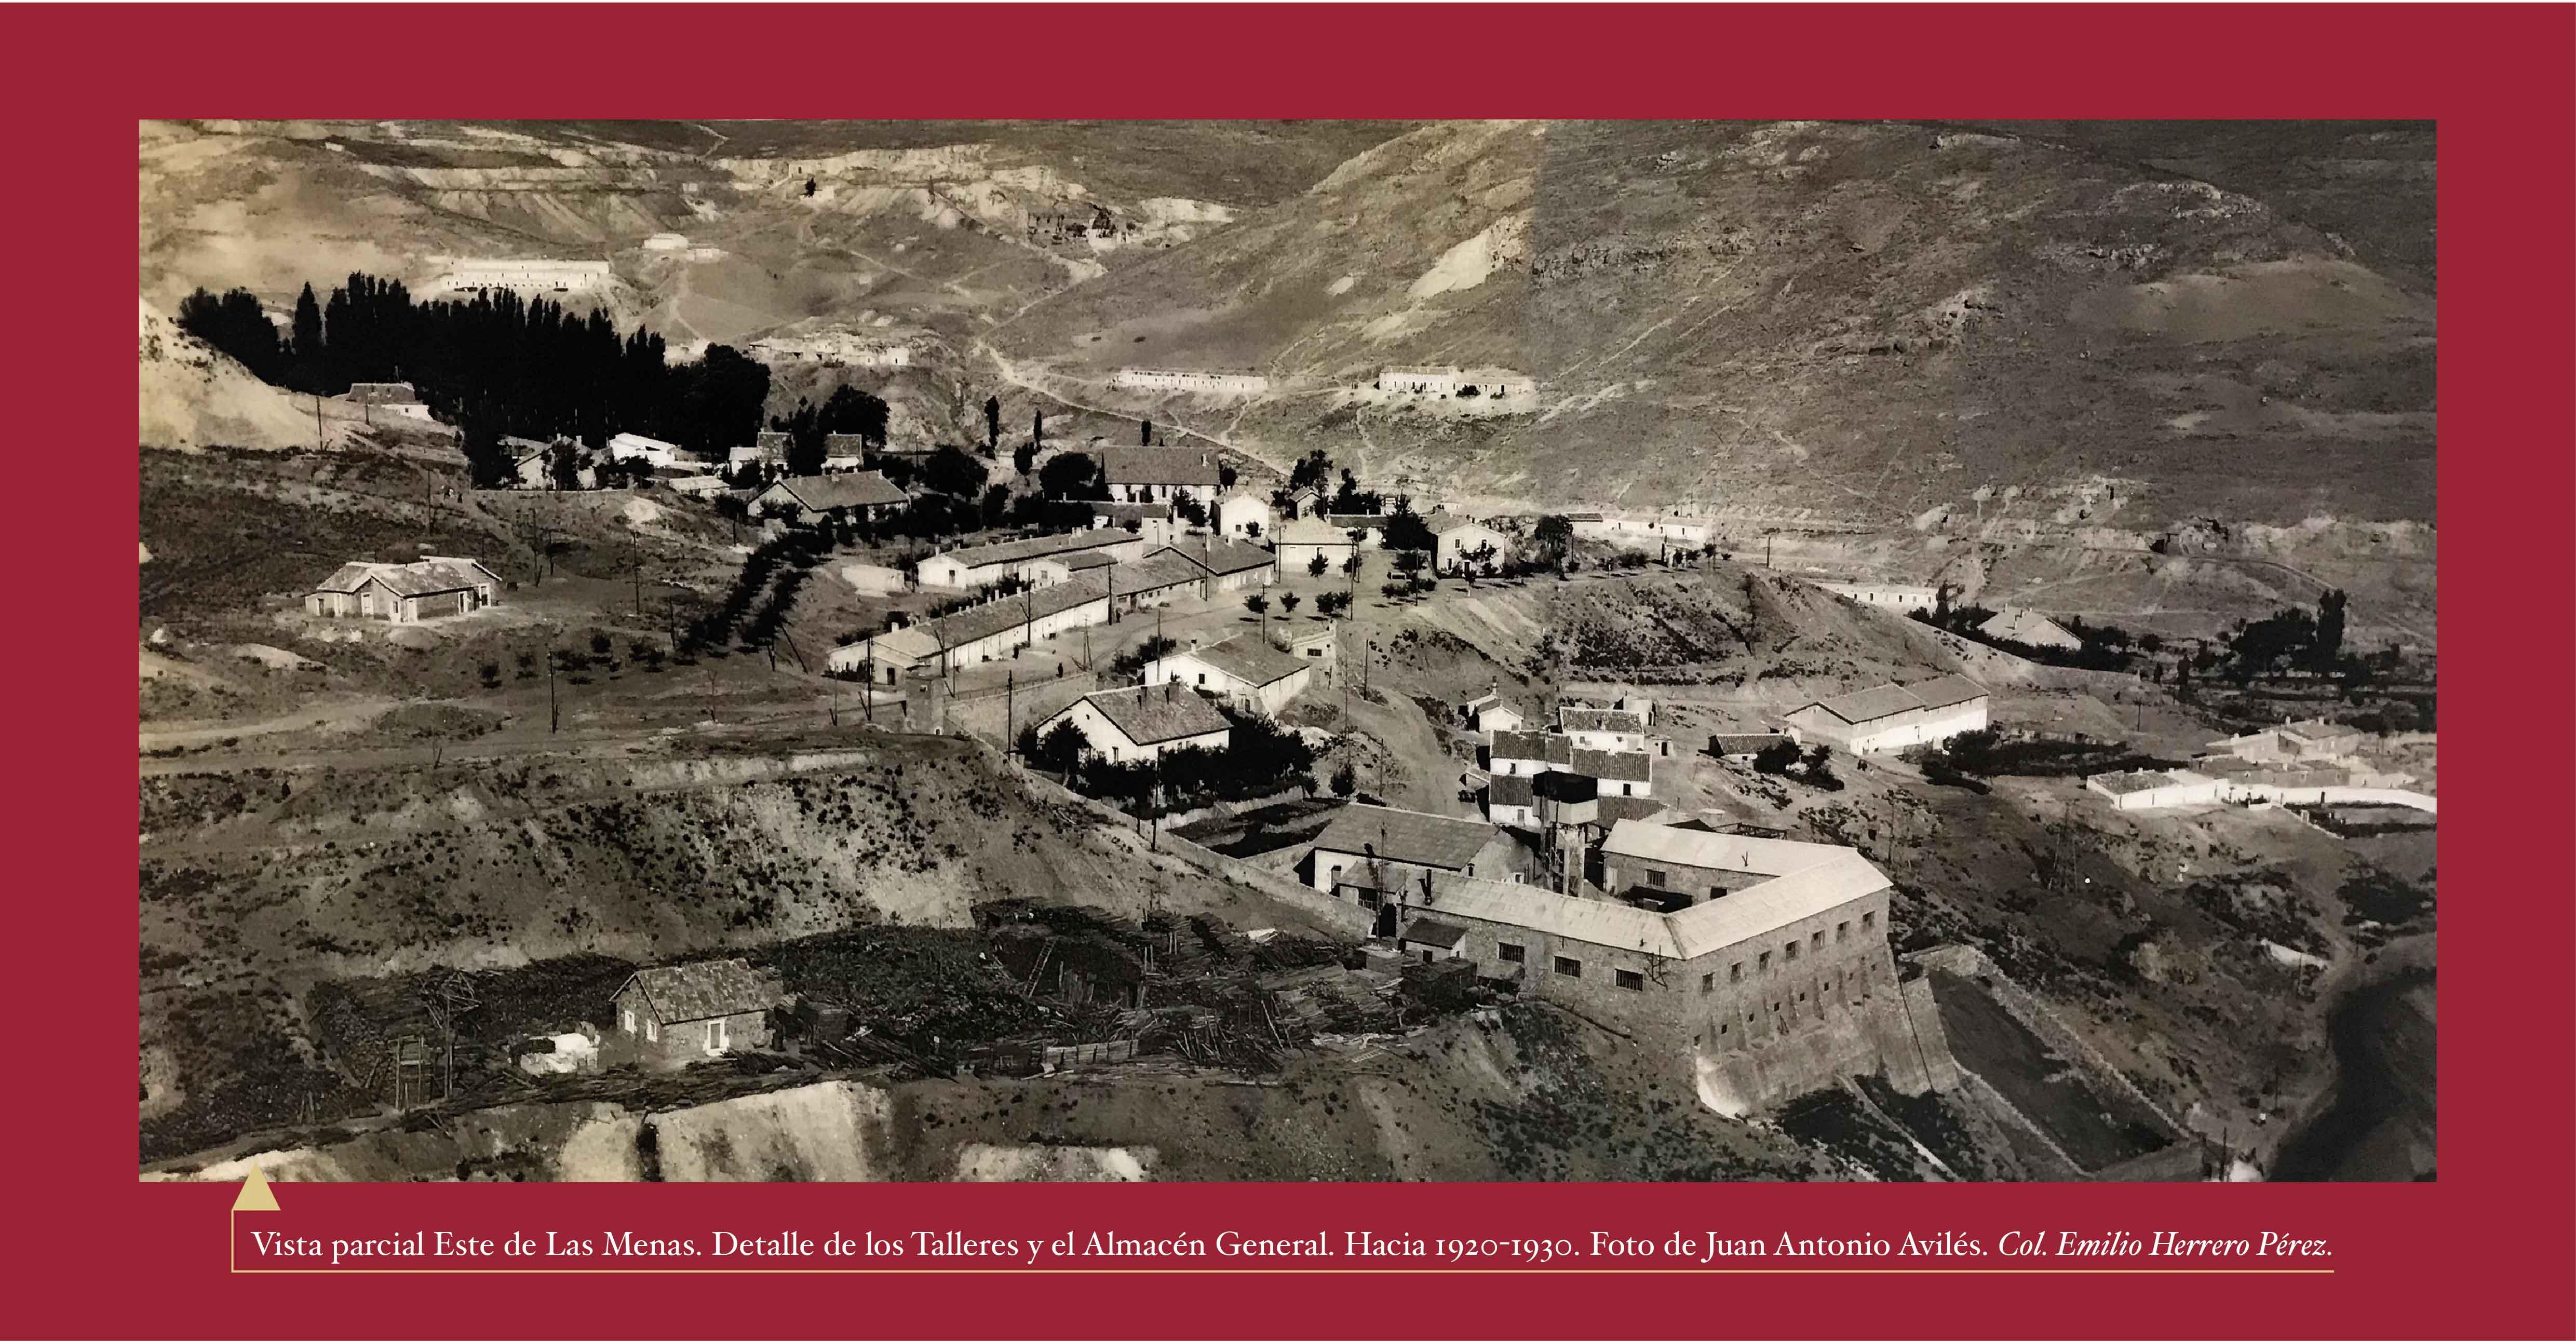 Vista parcial este de Las Menas. Detalle de los talleres y el almacén general hacia 1920-30. Foto de Juan Antonio Avilés. Colección Emilio Herrero Pérez